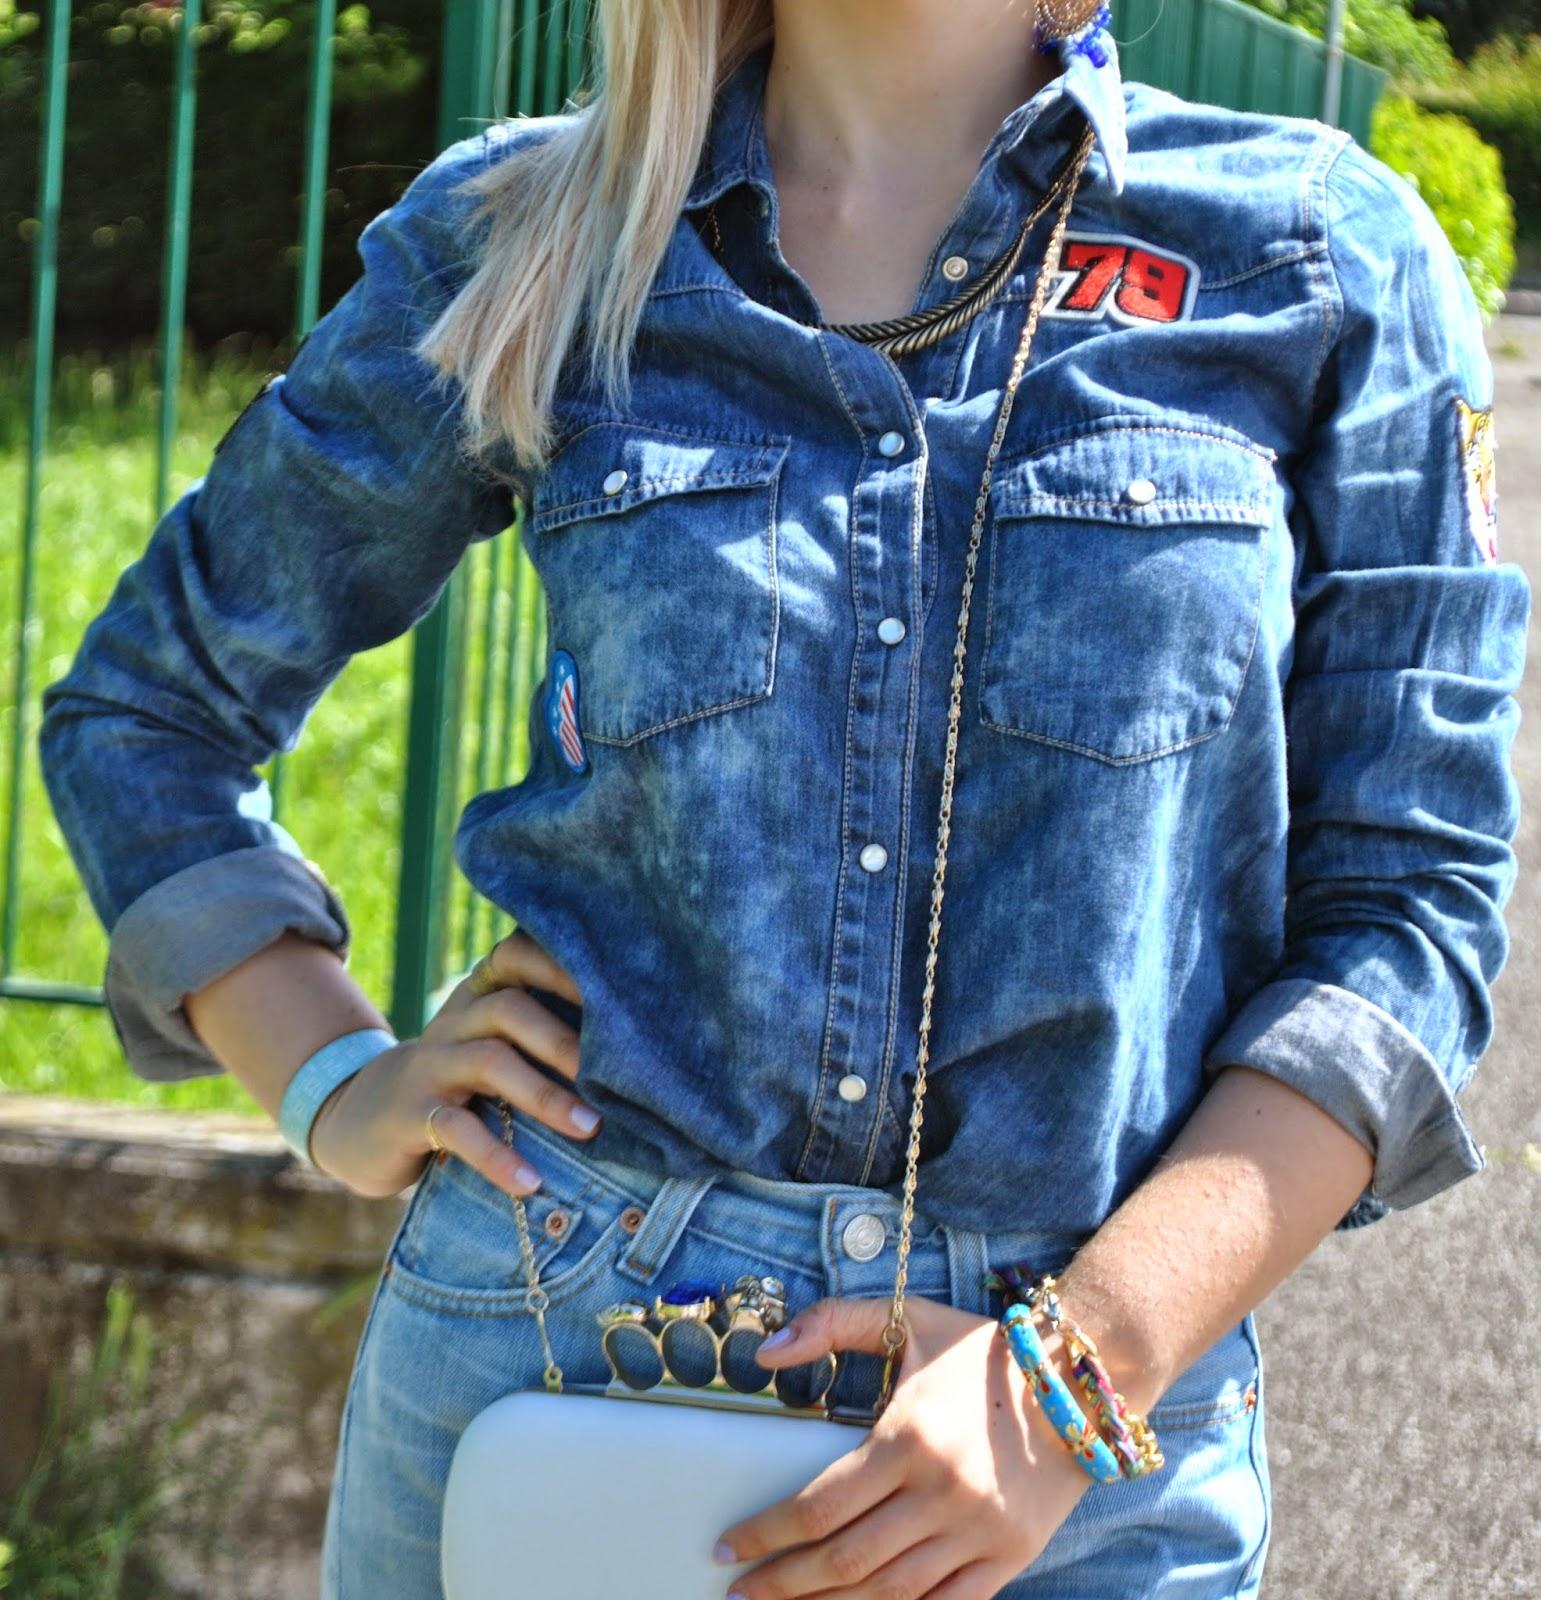 outfit denim outfit levi's 501 come indossare un vecchio paio di jeans come abbinare un veccio paio di jeans come indossare un vecchio paio di levi's 501 jeans arrotolati alle caviglie camicia in denim con stemmi cuciti camicia di jeans pimkie camicia in denim pimkie bracciale azzurro il centimetro clutch modello alexander mcqueen con teschio outfit borsa bianca jeans e tacchi outfit jeans e tacchi outfit primavera 2014 outfit primaverili fashion blogger italiane milano colorblock by felym blog di moda di mariafelicia magno outfit colorblock by felym outfit mariafelicia magno outfit maggio 2014 mariafelicia magno blogger di colorblock by felym occhiali da sole con lenti a specchio azzurre ragazze bionde outfit denim total look denim outfit jeans camicia in denim e tacchi alti